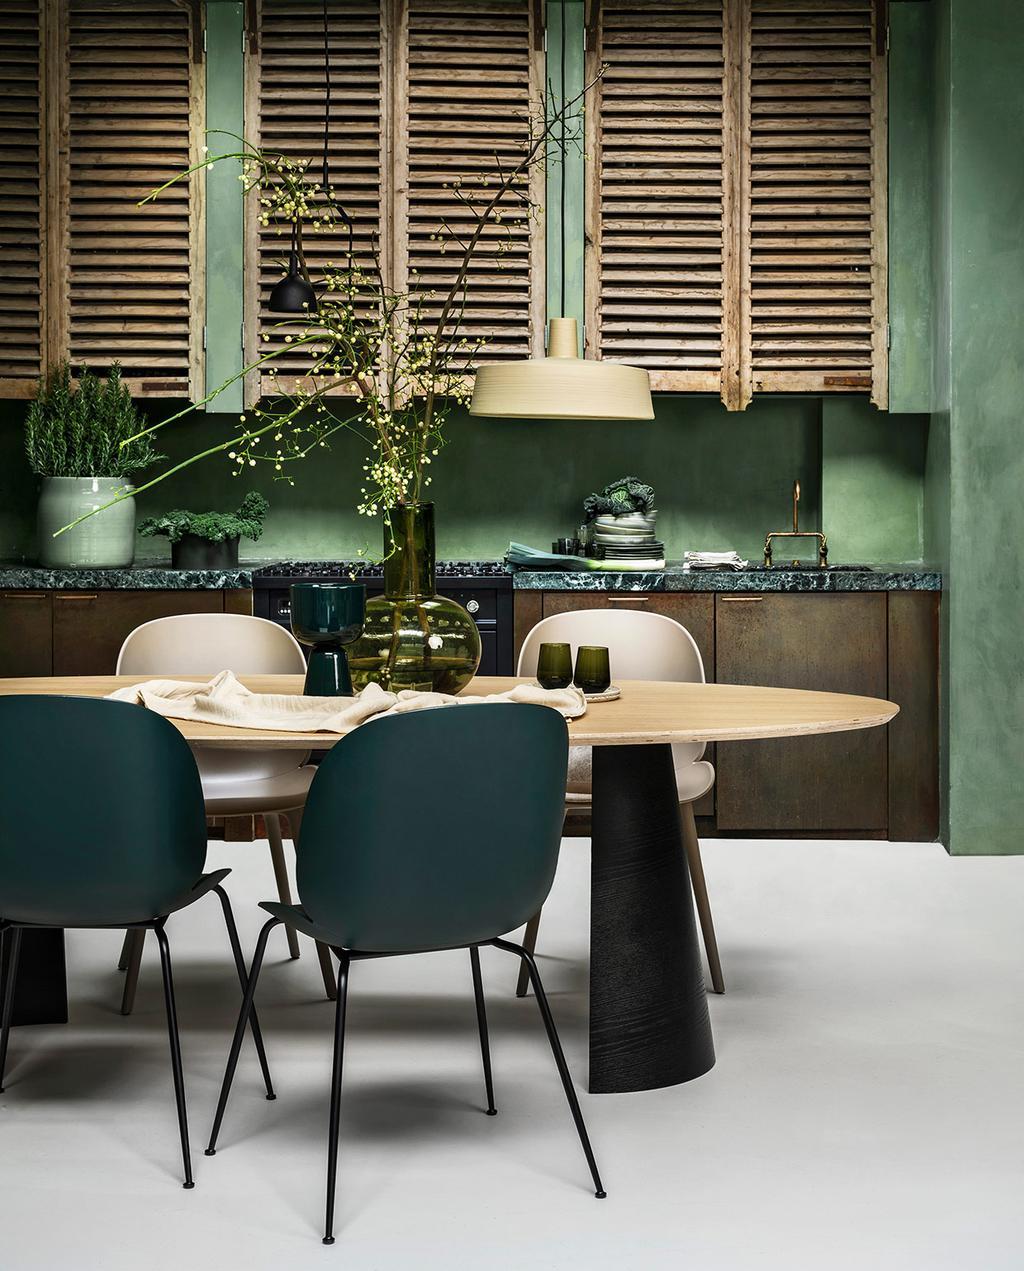 vtwonen 01-2021 | groen styling eethoek met keuken op achtergrond, houten kastjes